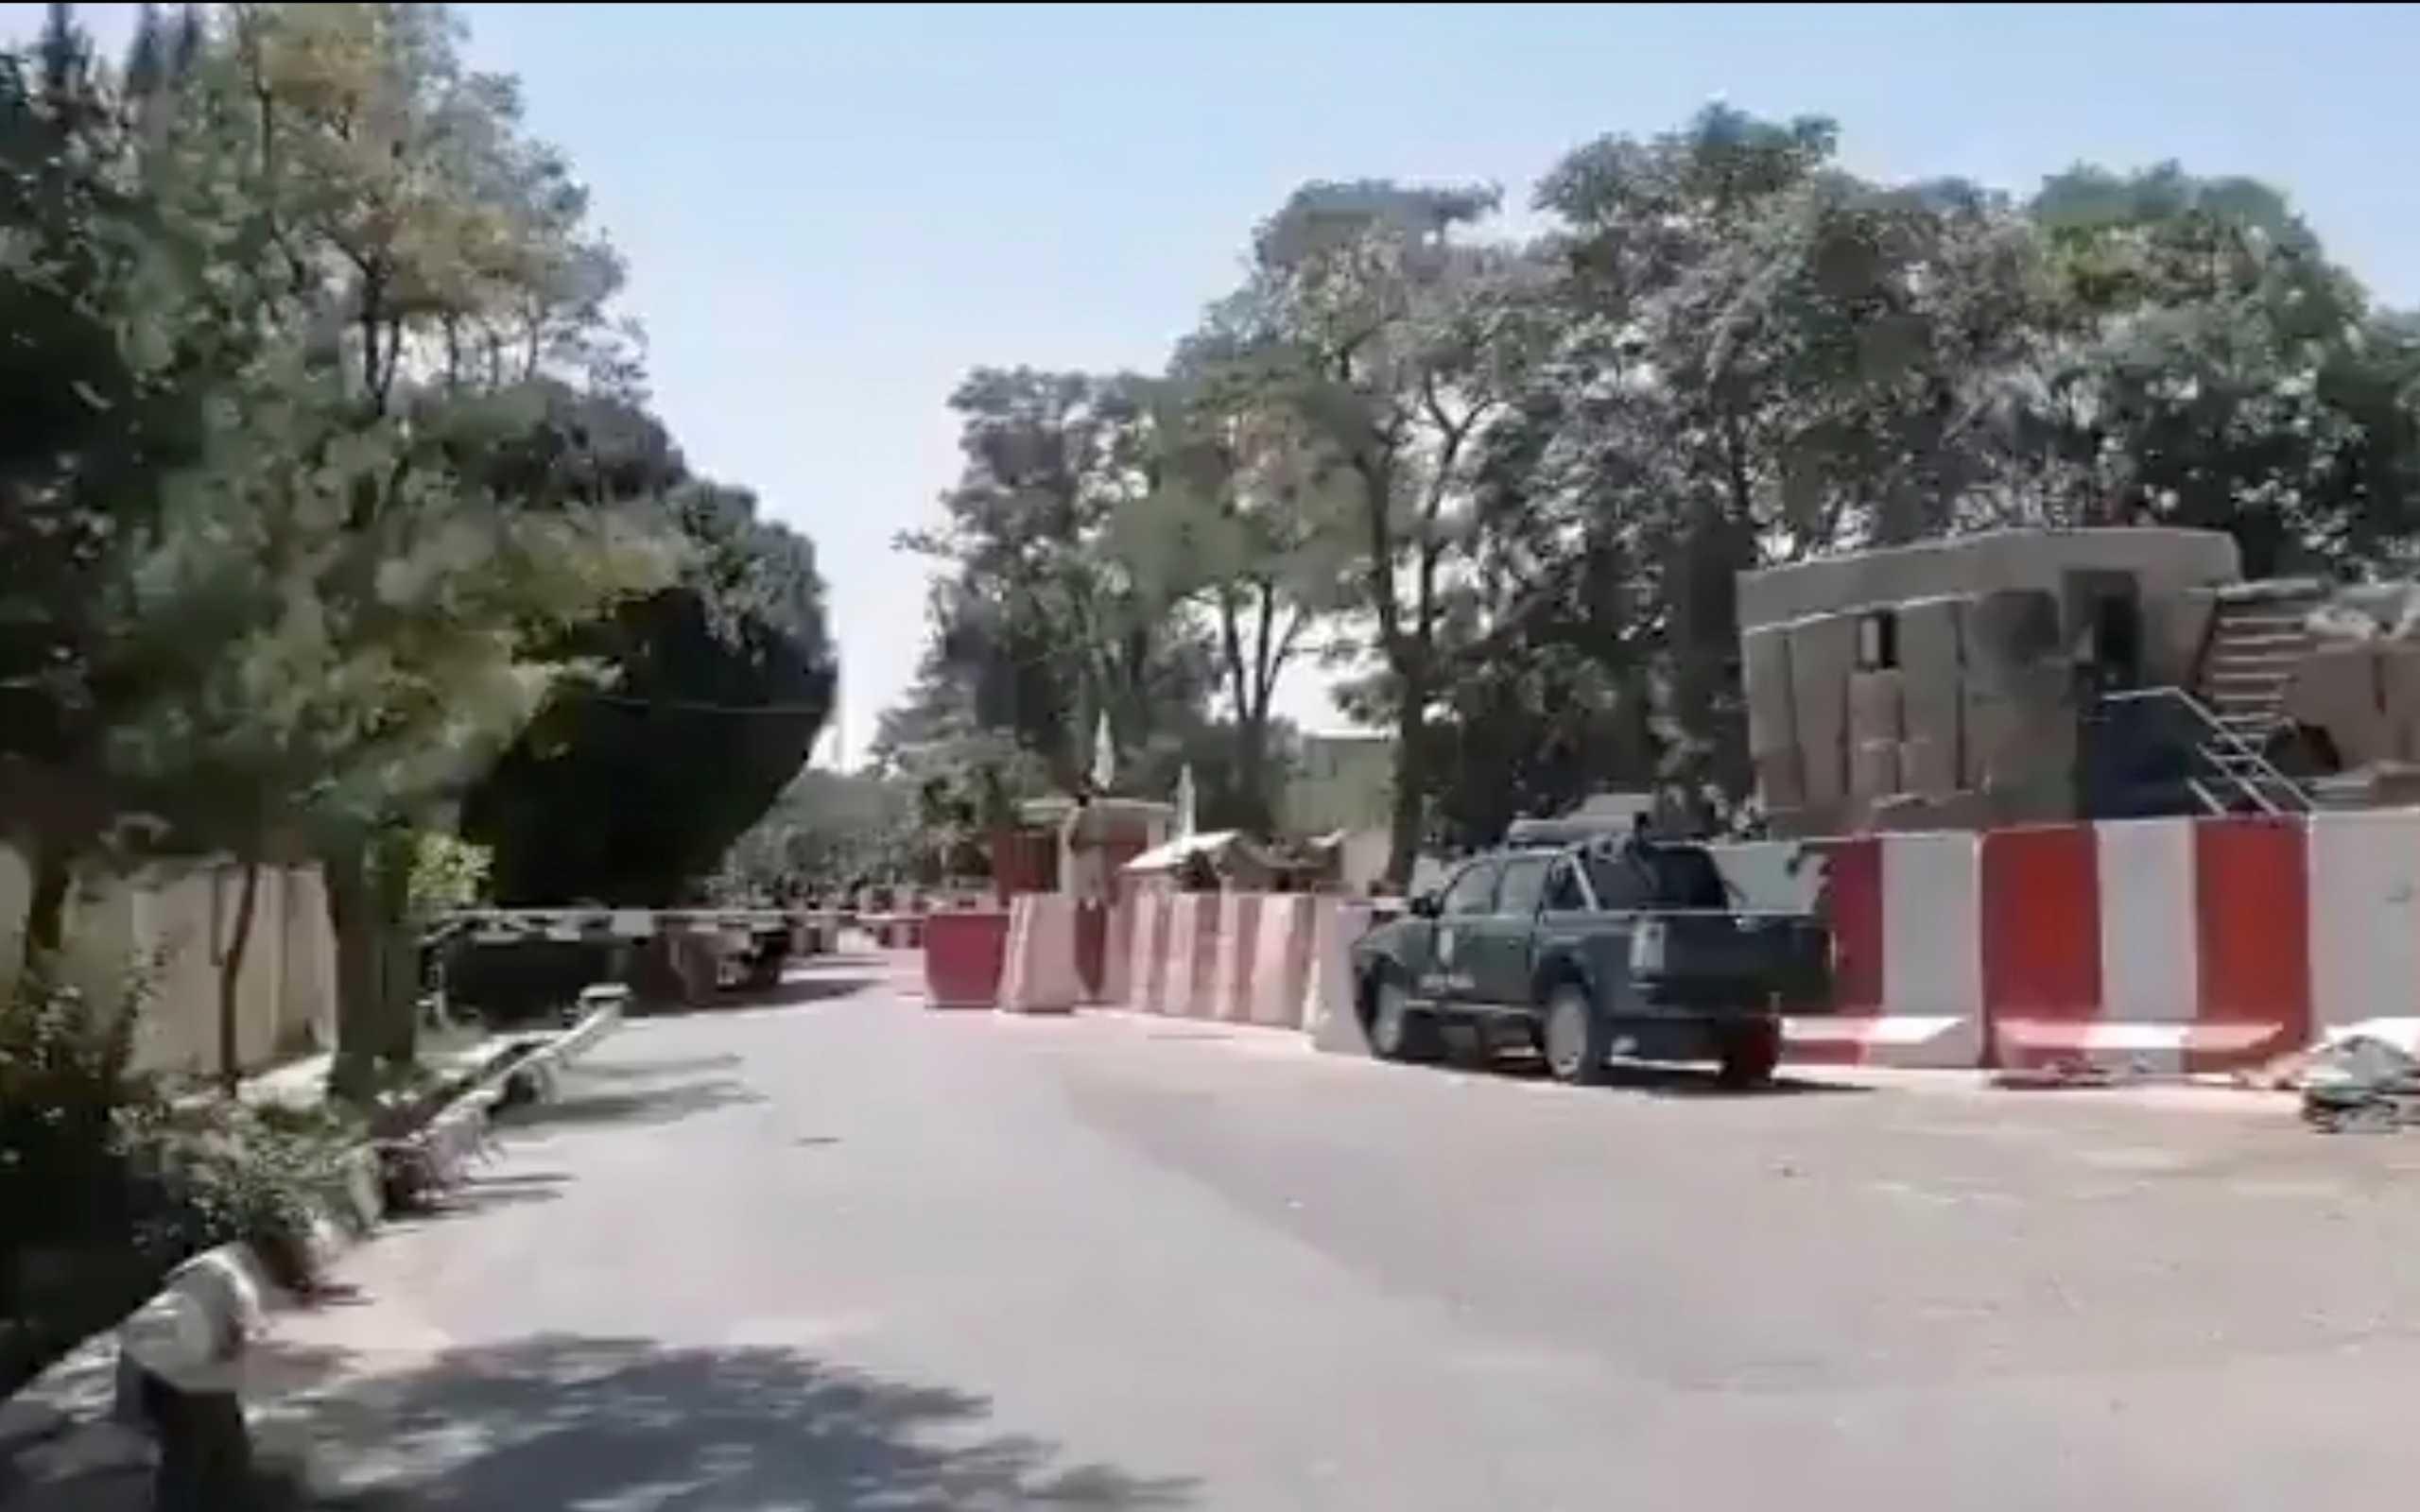 Αφγανιστάν: Έκκληση του ΟΗΕ προς τις γειτονικές χώρες – «Αφήστε ανοιχτά τα σύνορά σας για τους αμάχους»